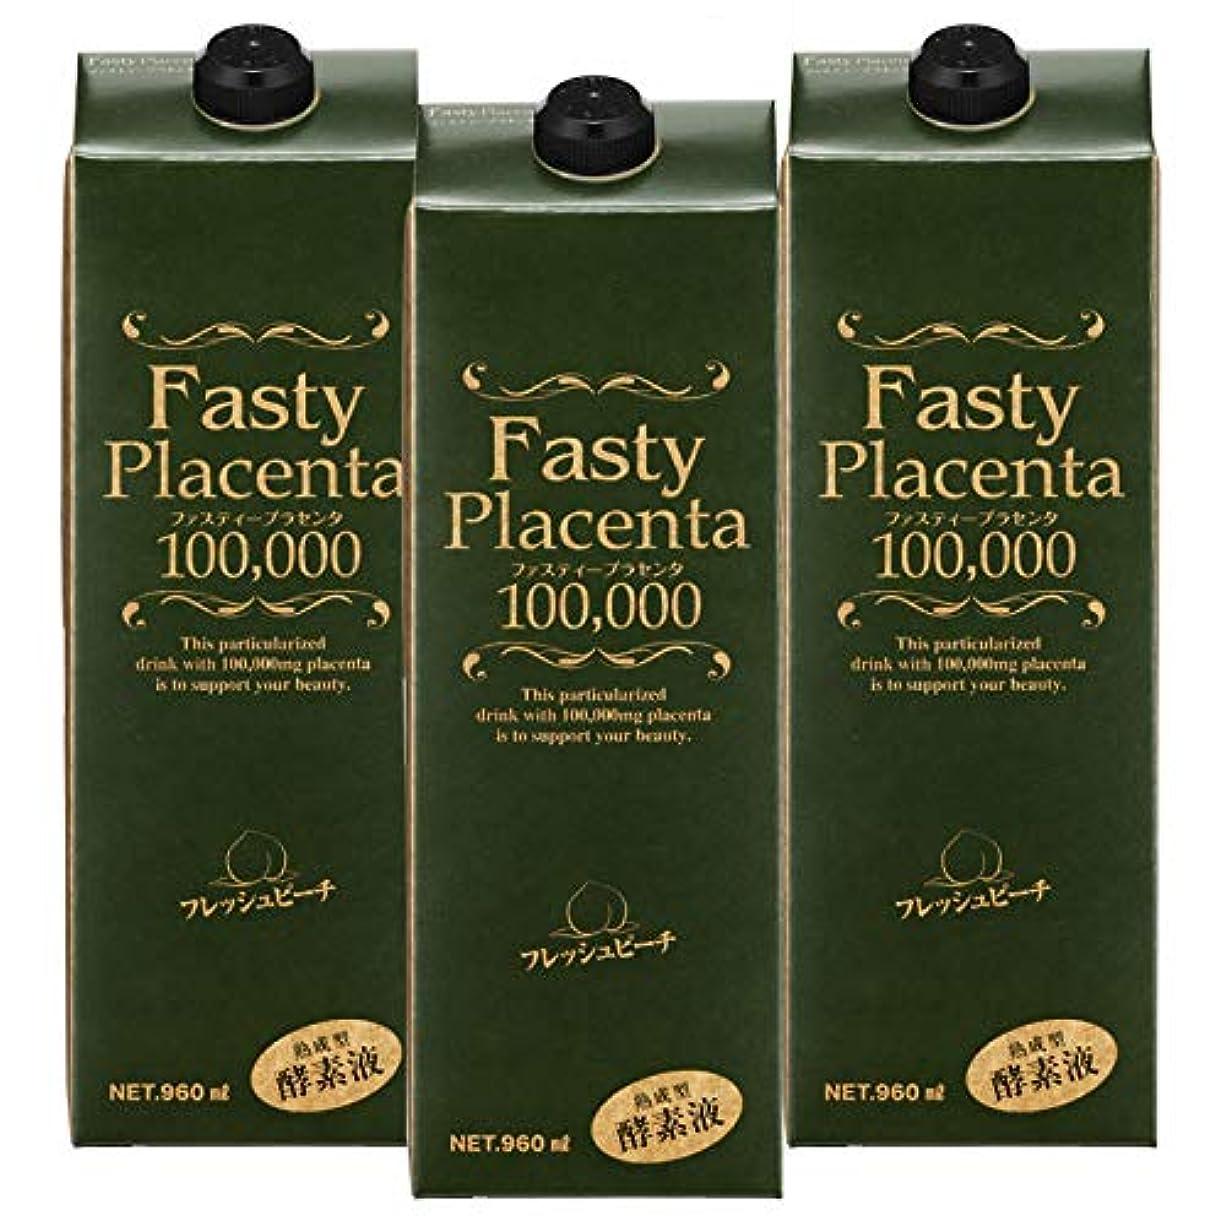 バケット雇った慣れているファスティープラセンタ100,000 増量パック(フレッシュピーチ味) 3本